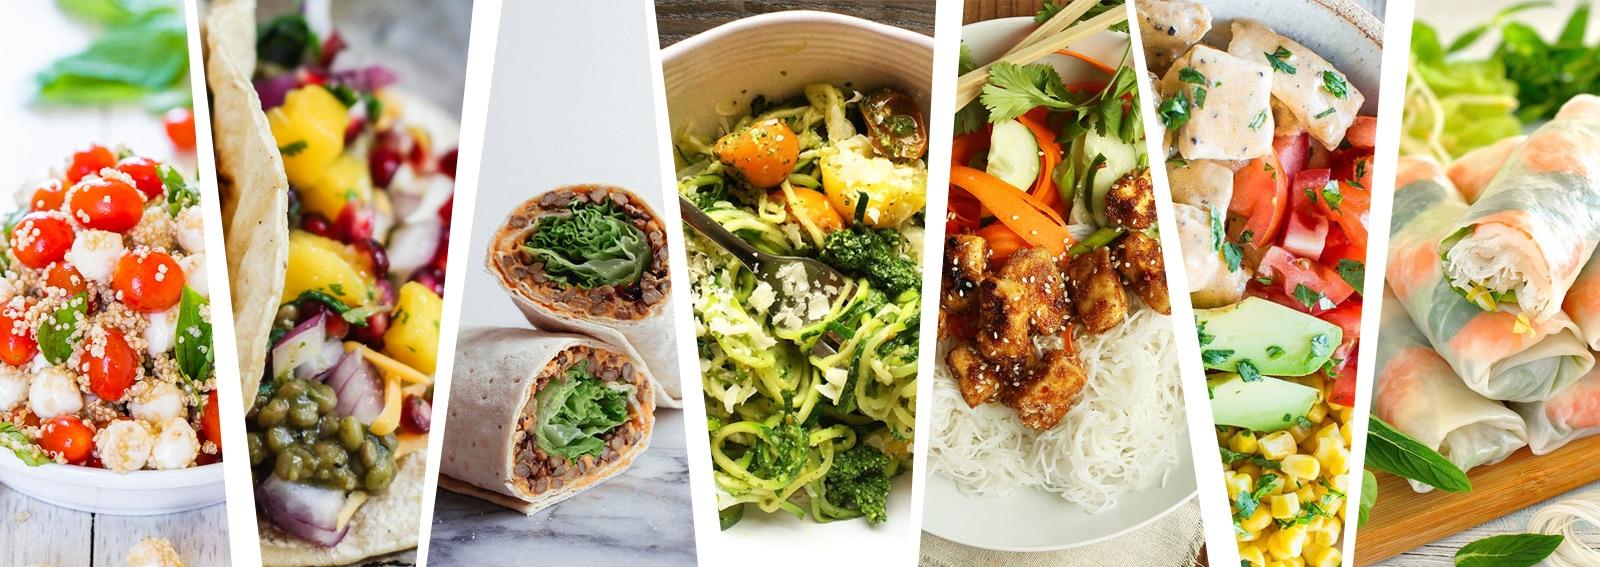 dieci piatti sani e light per chi odia l'insalata - grazia.it - Pranzi Sani E Leggeri